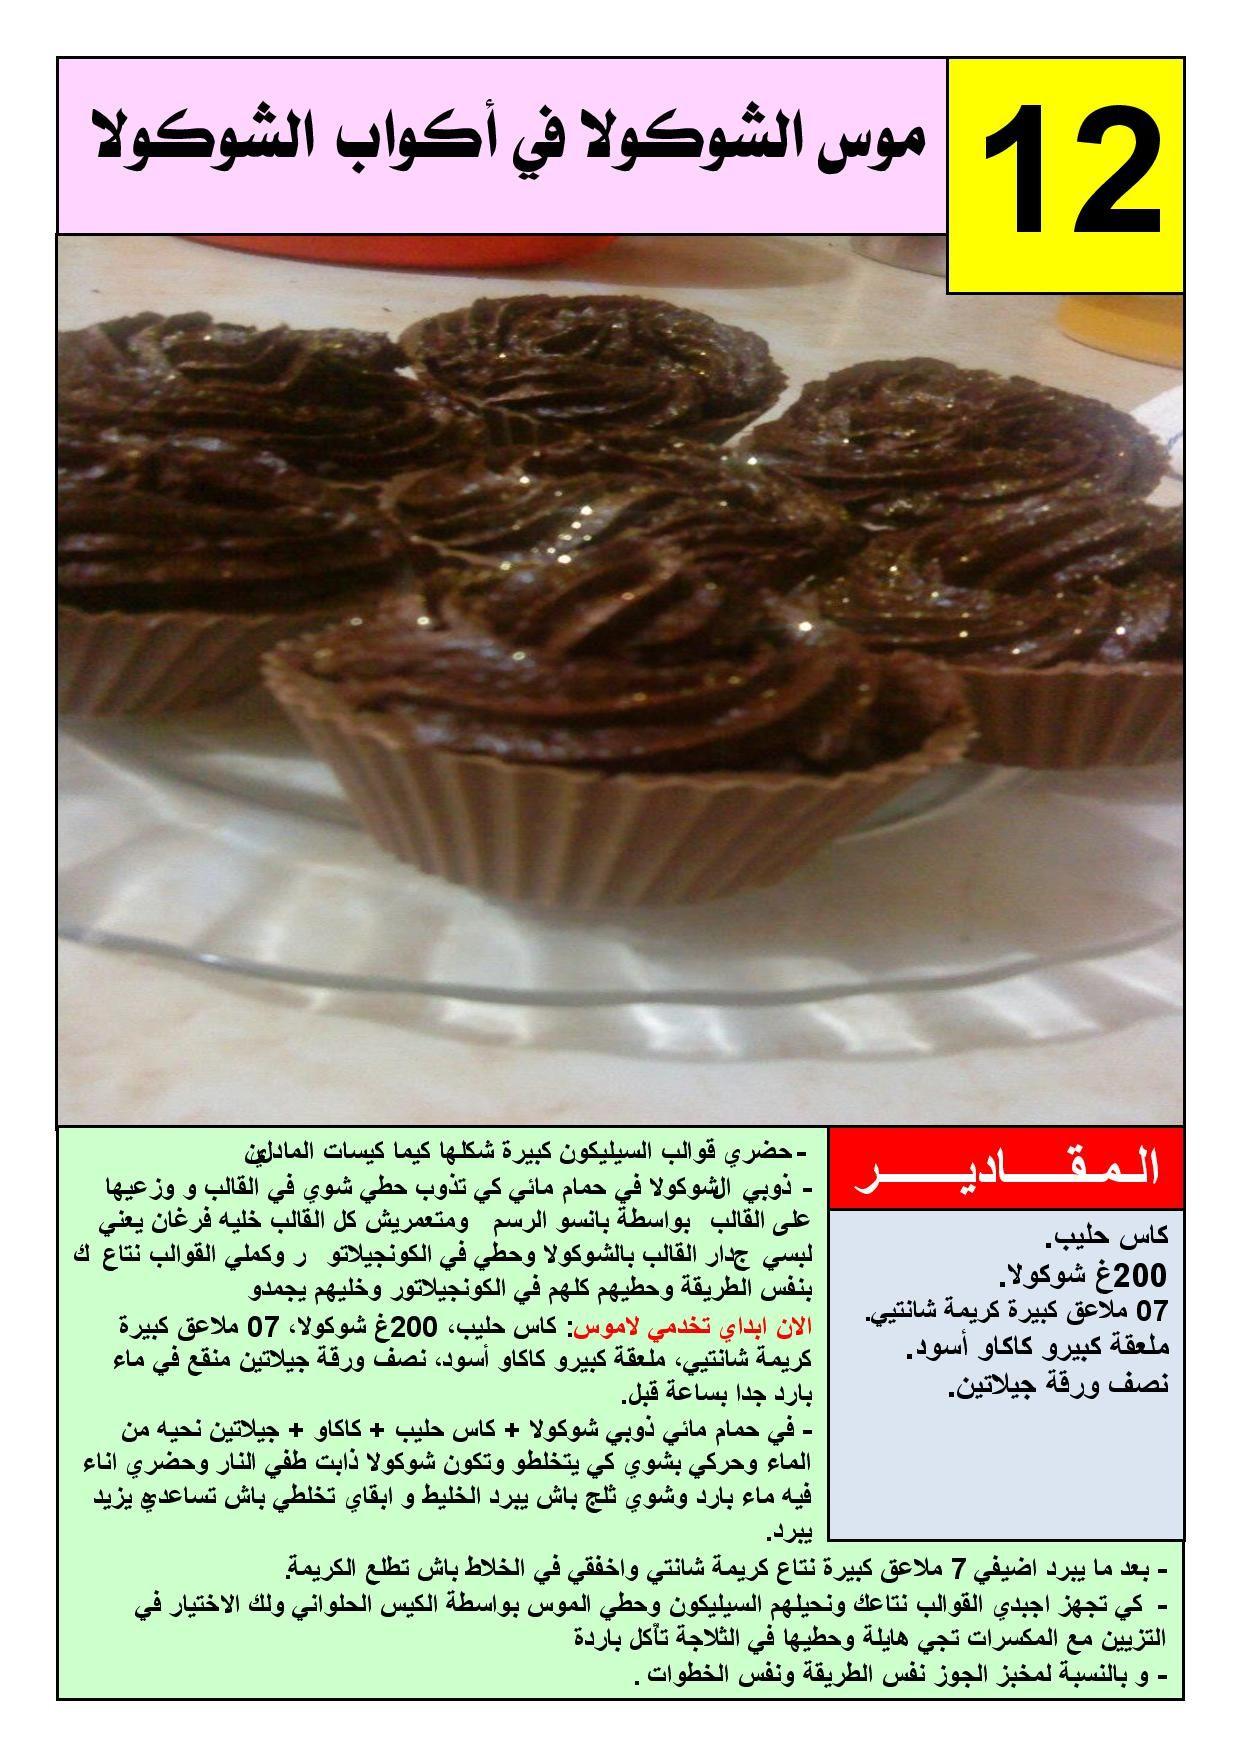 حلويات الشيفladymillion تأليف الأخت ريحانة الوادي منتديات الجلفة لكل الجزائريين و العرب Food Easy Meals Dishes